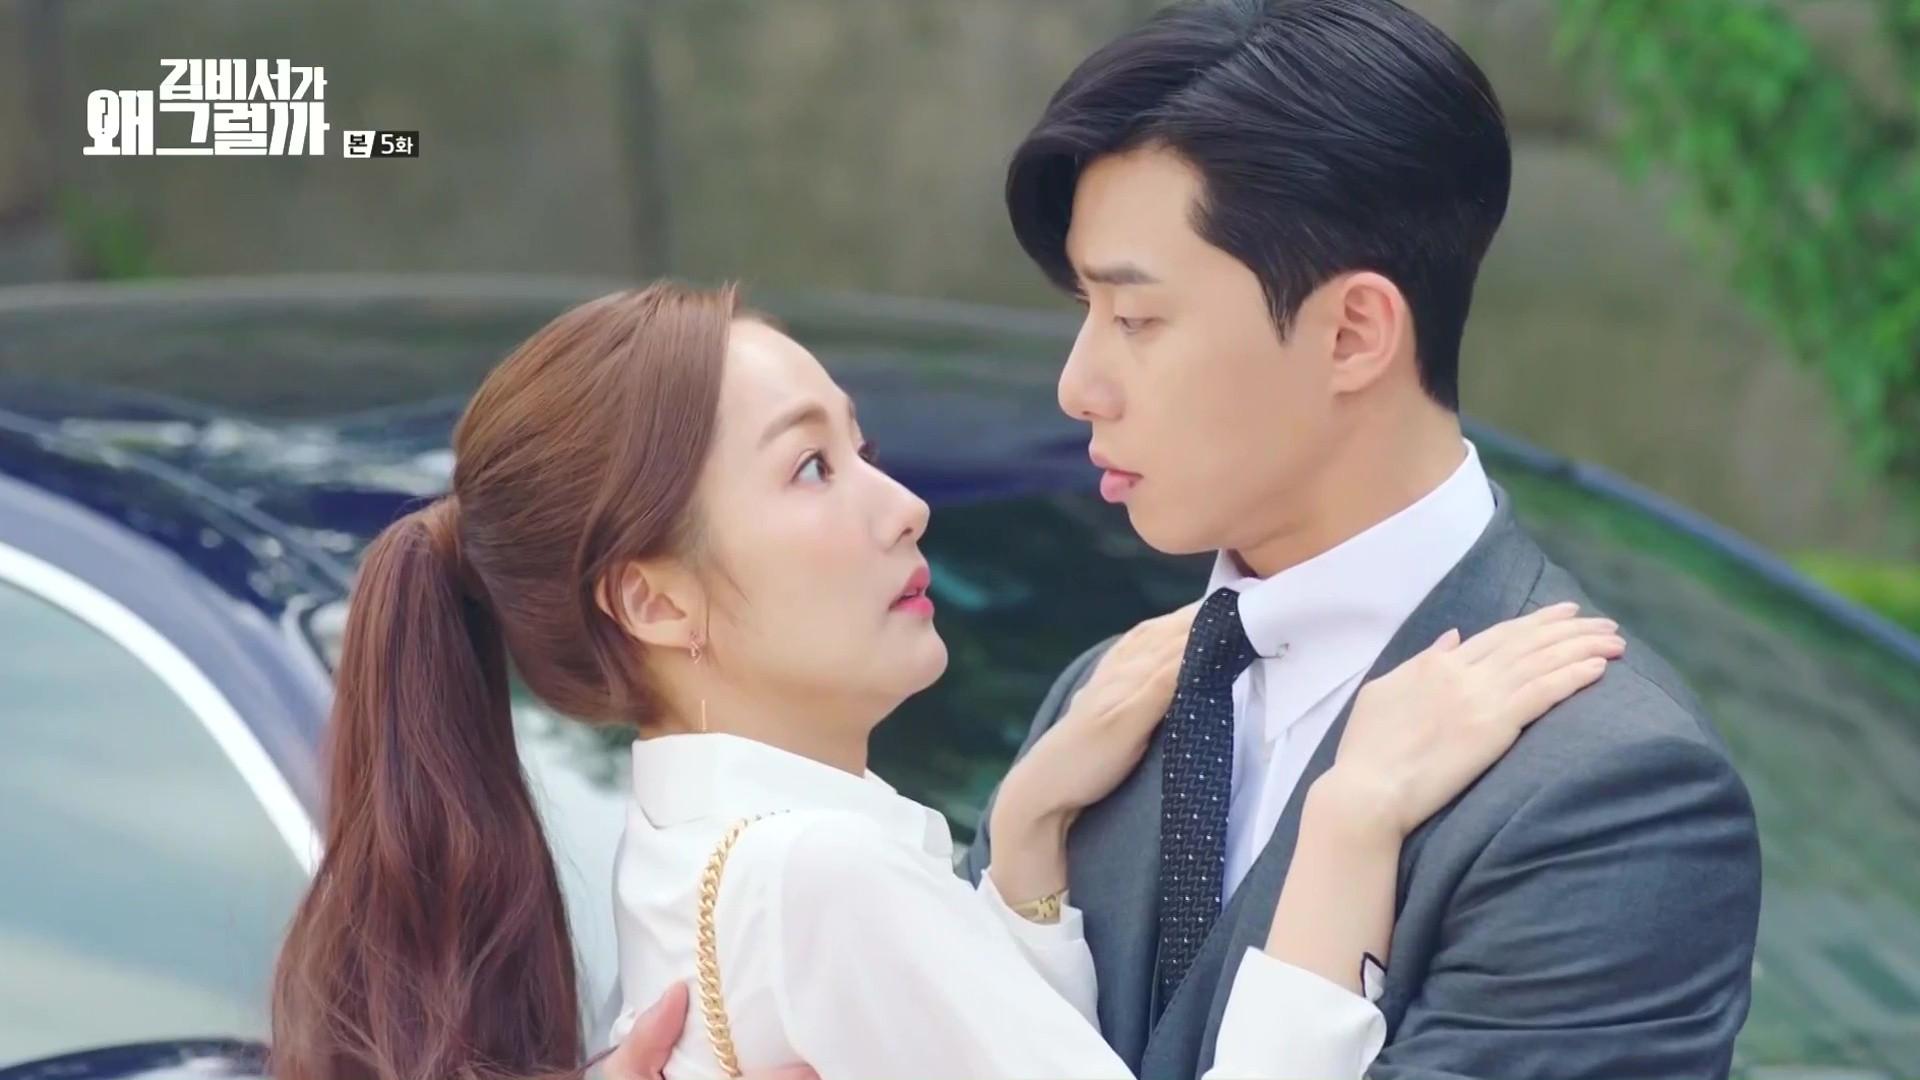 """Nhìn xem phim Hàn 2018 đã cho """"ra mắt chị em"""" bao nhiêu chàng bạn trai trong mơ! - Ảnh 11."""